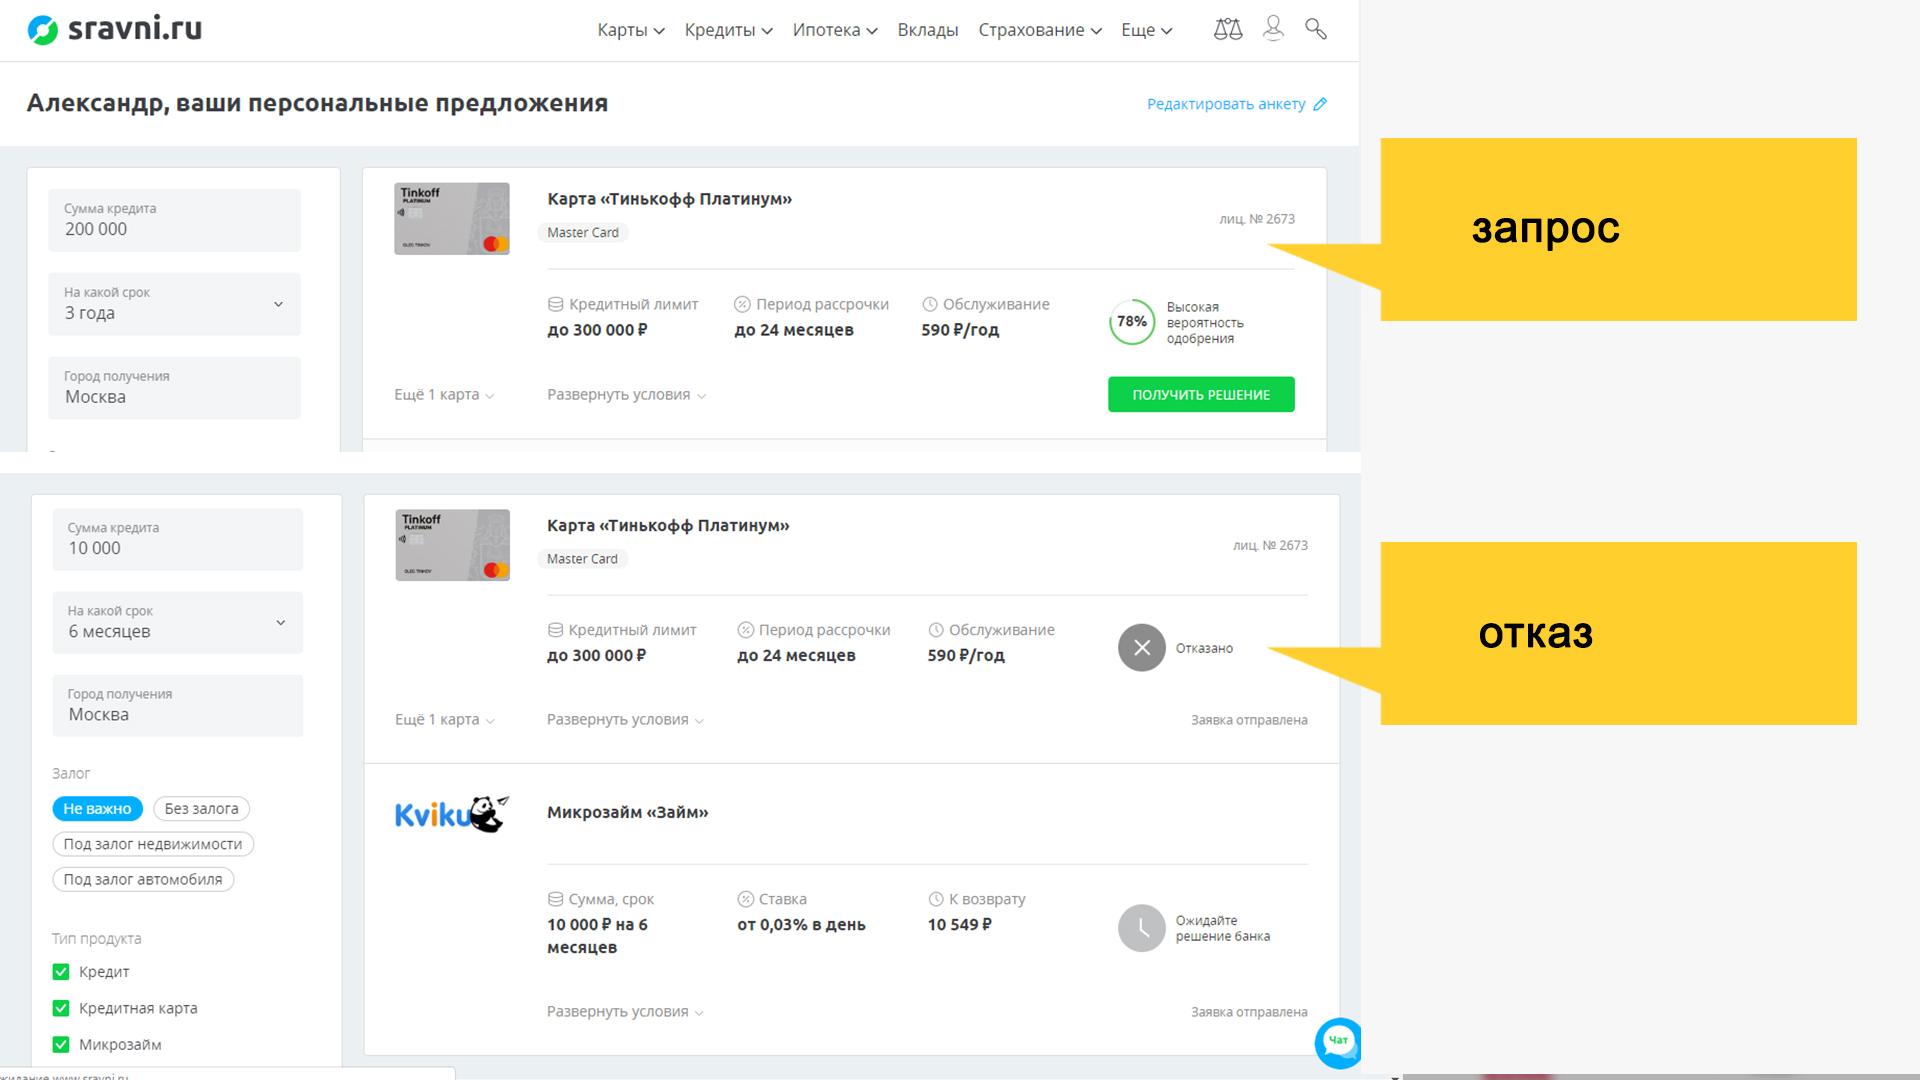 Из двух кредитных предложений сервис Sravni.ru выдал доступным микрозайм.